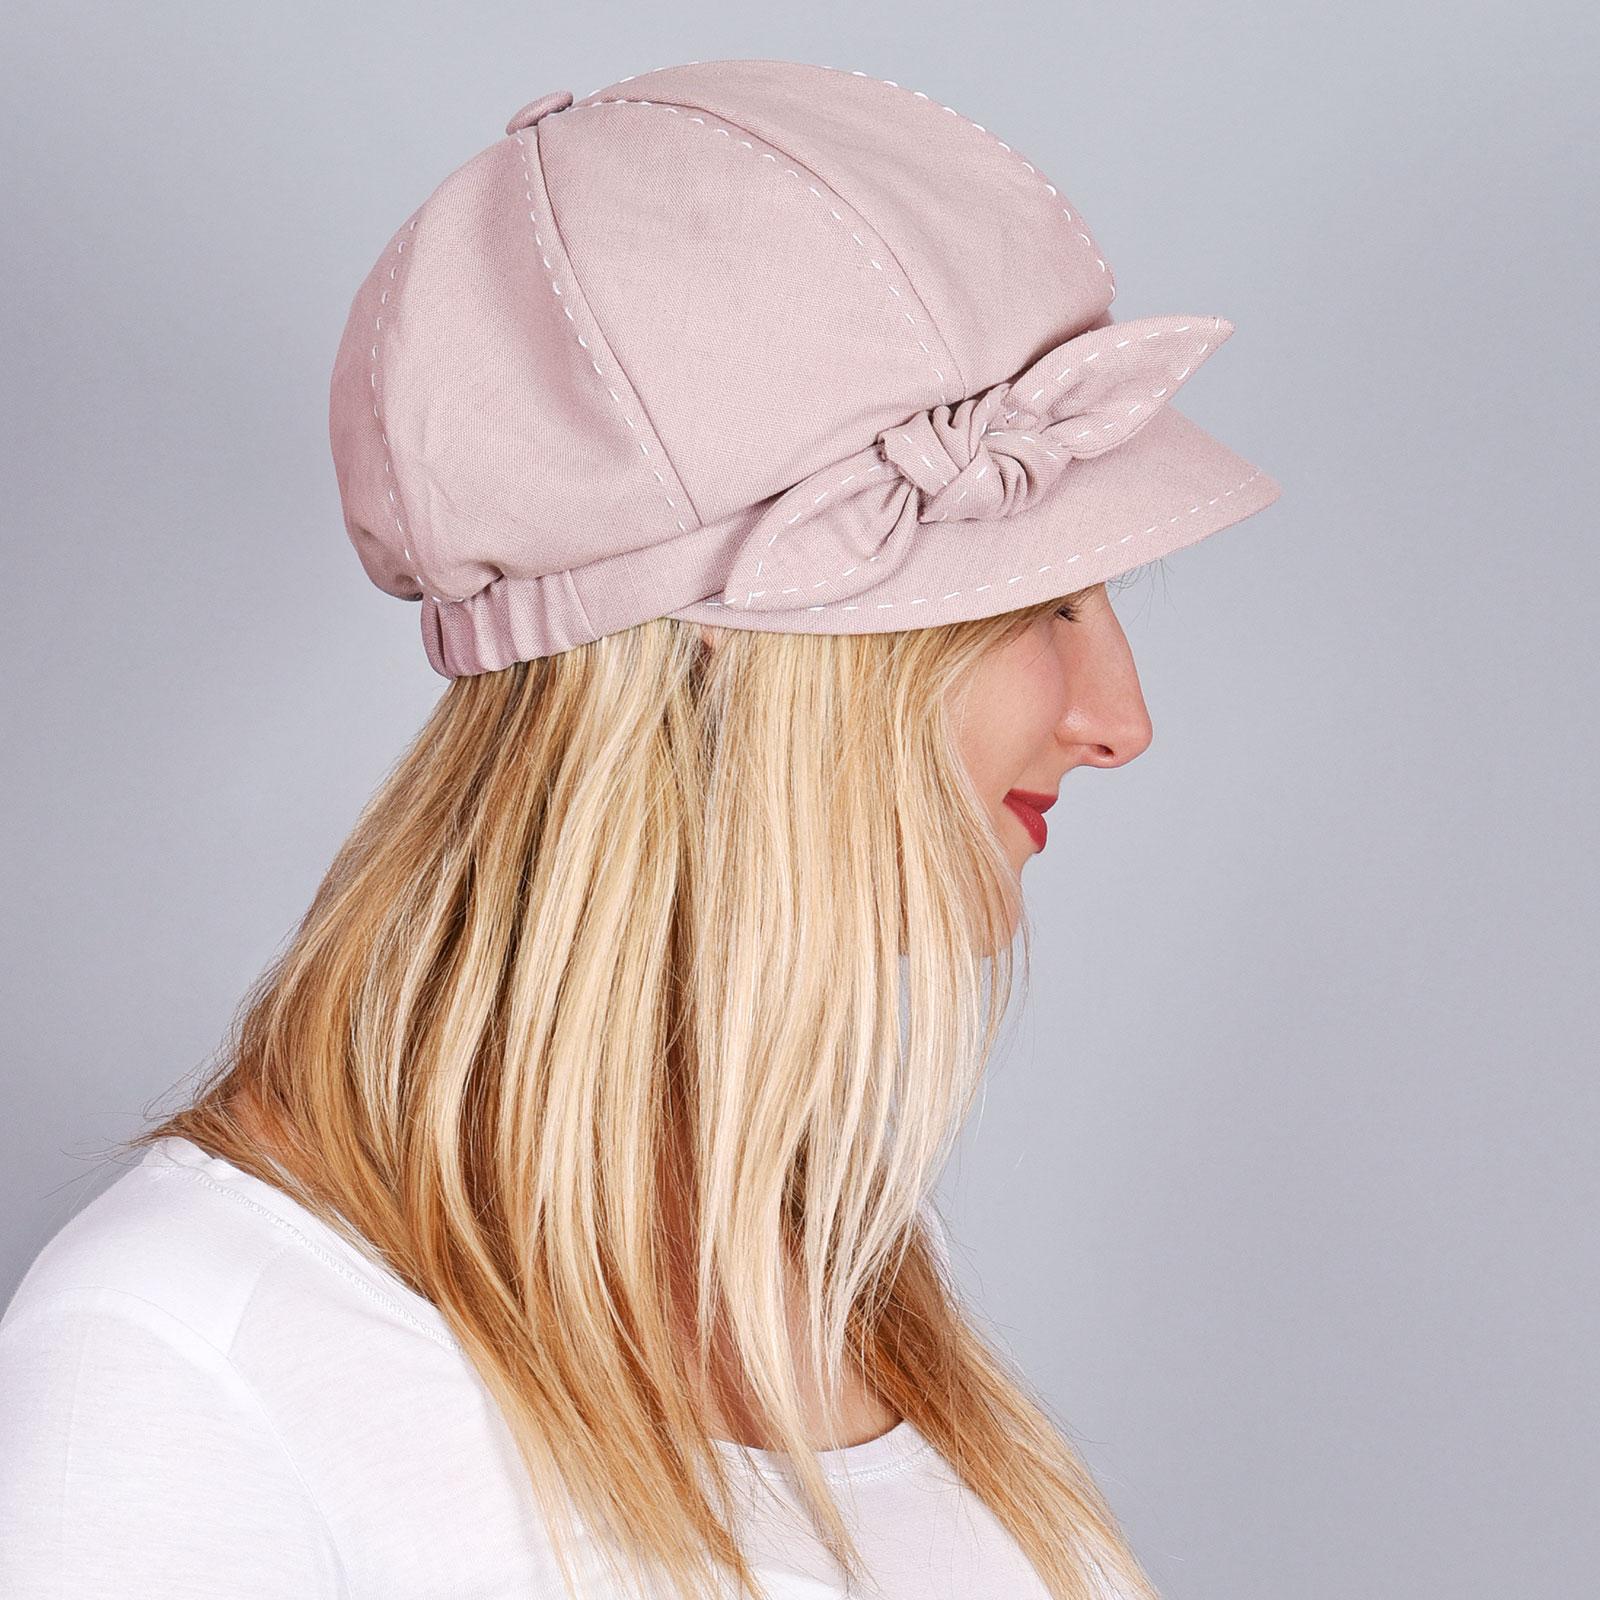 CP-00986-casquette-femme-lin-rose-VF16-1